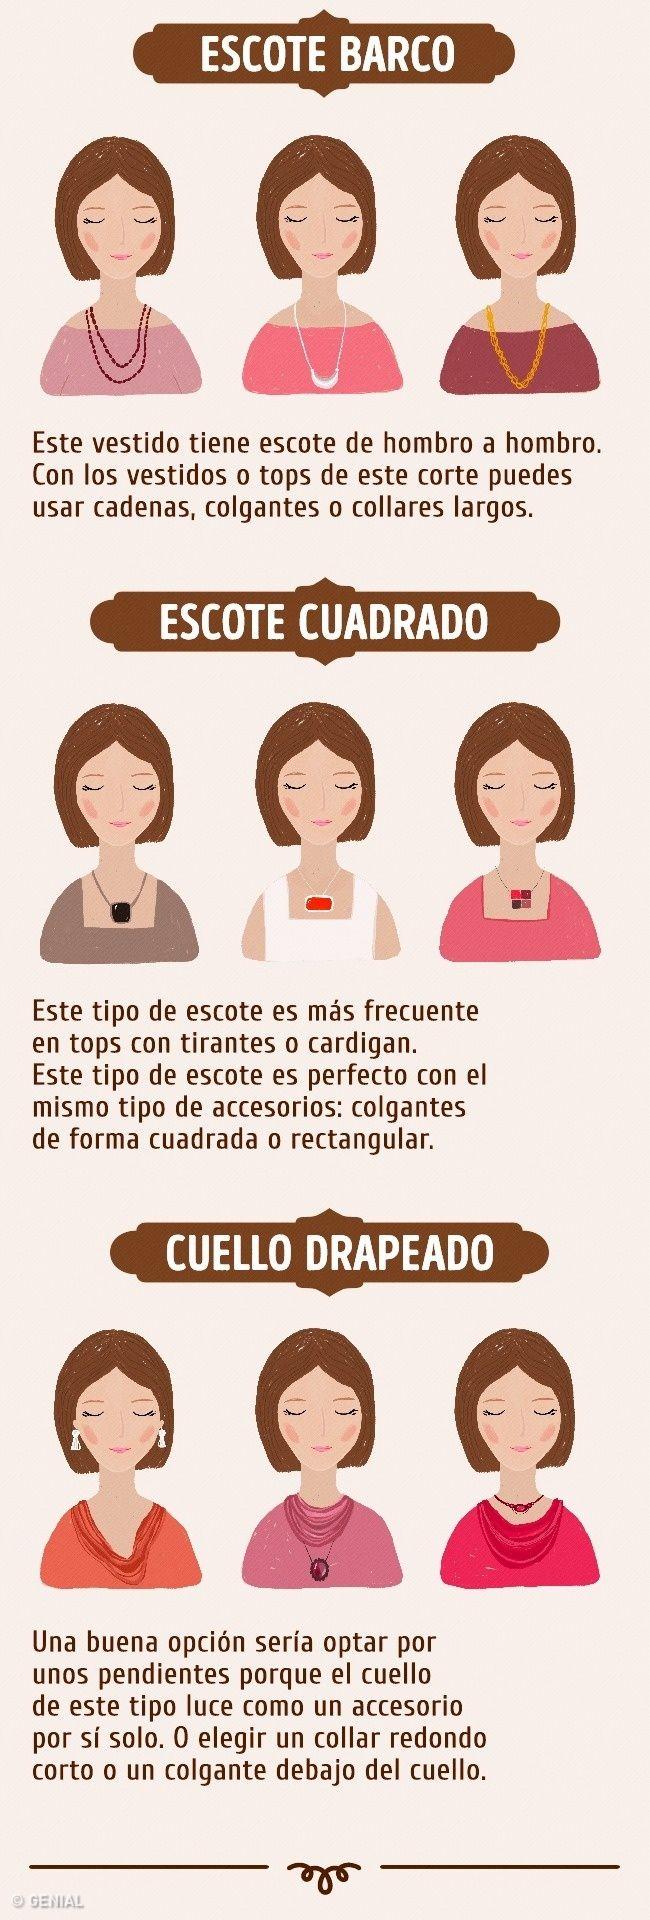 Cómo elegir ycombinar collares con escotes yaretes con turostro